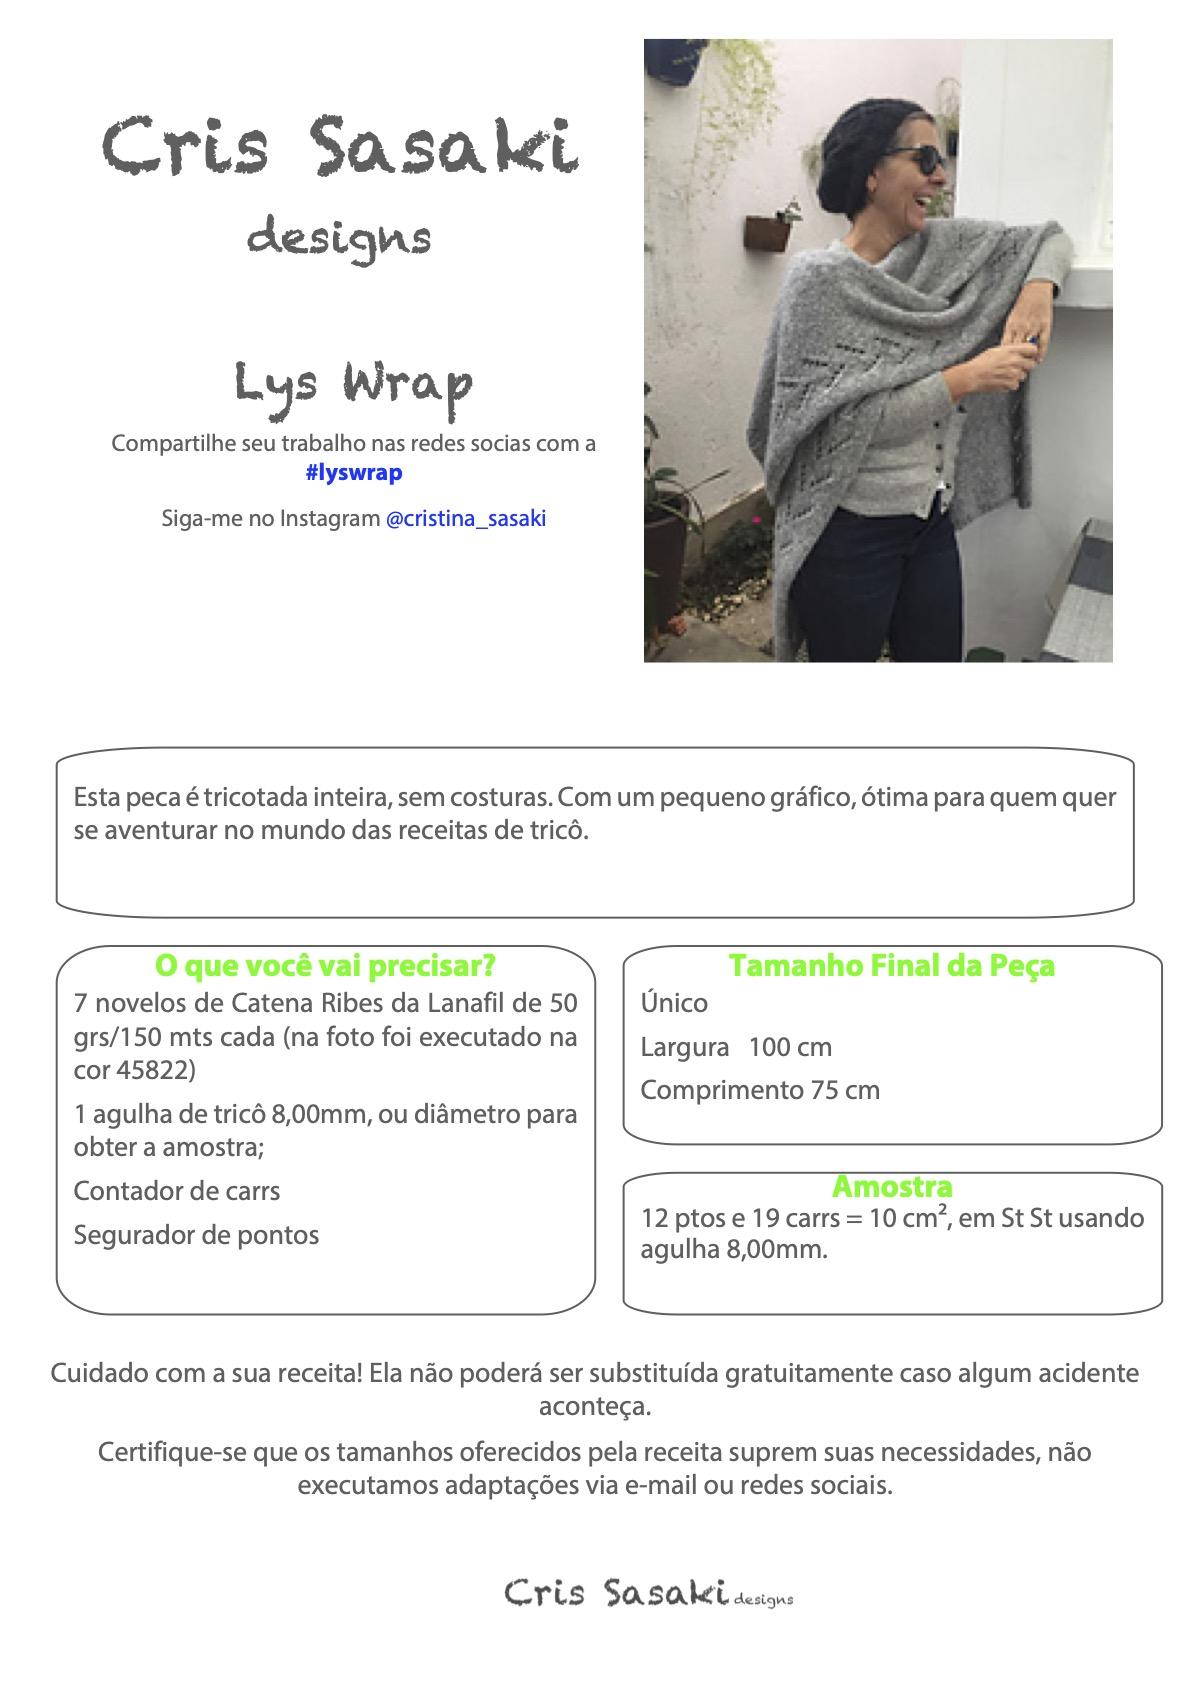 Receita Lys Wrap - Empório das Lãs